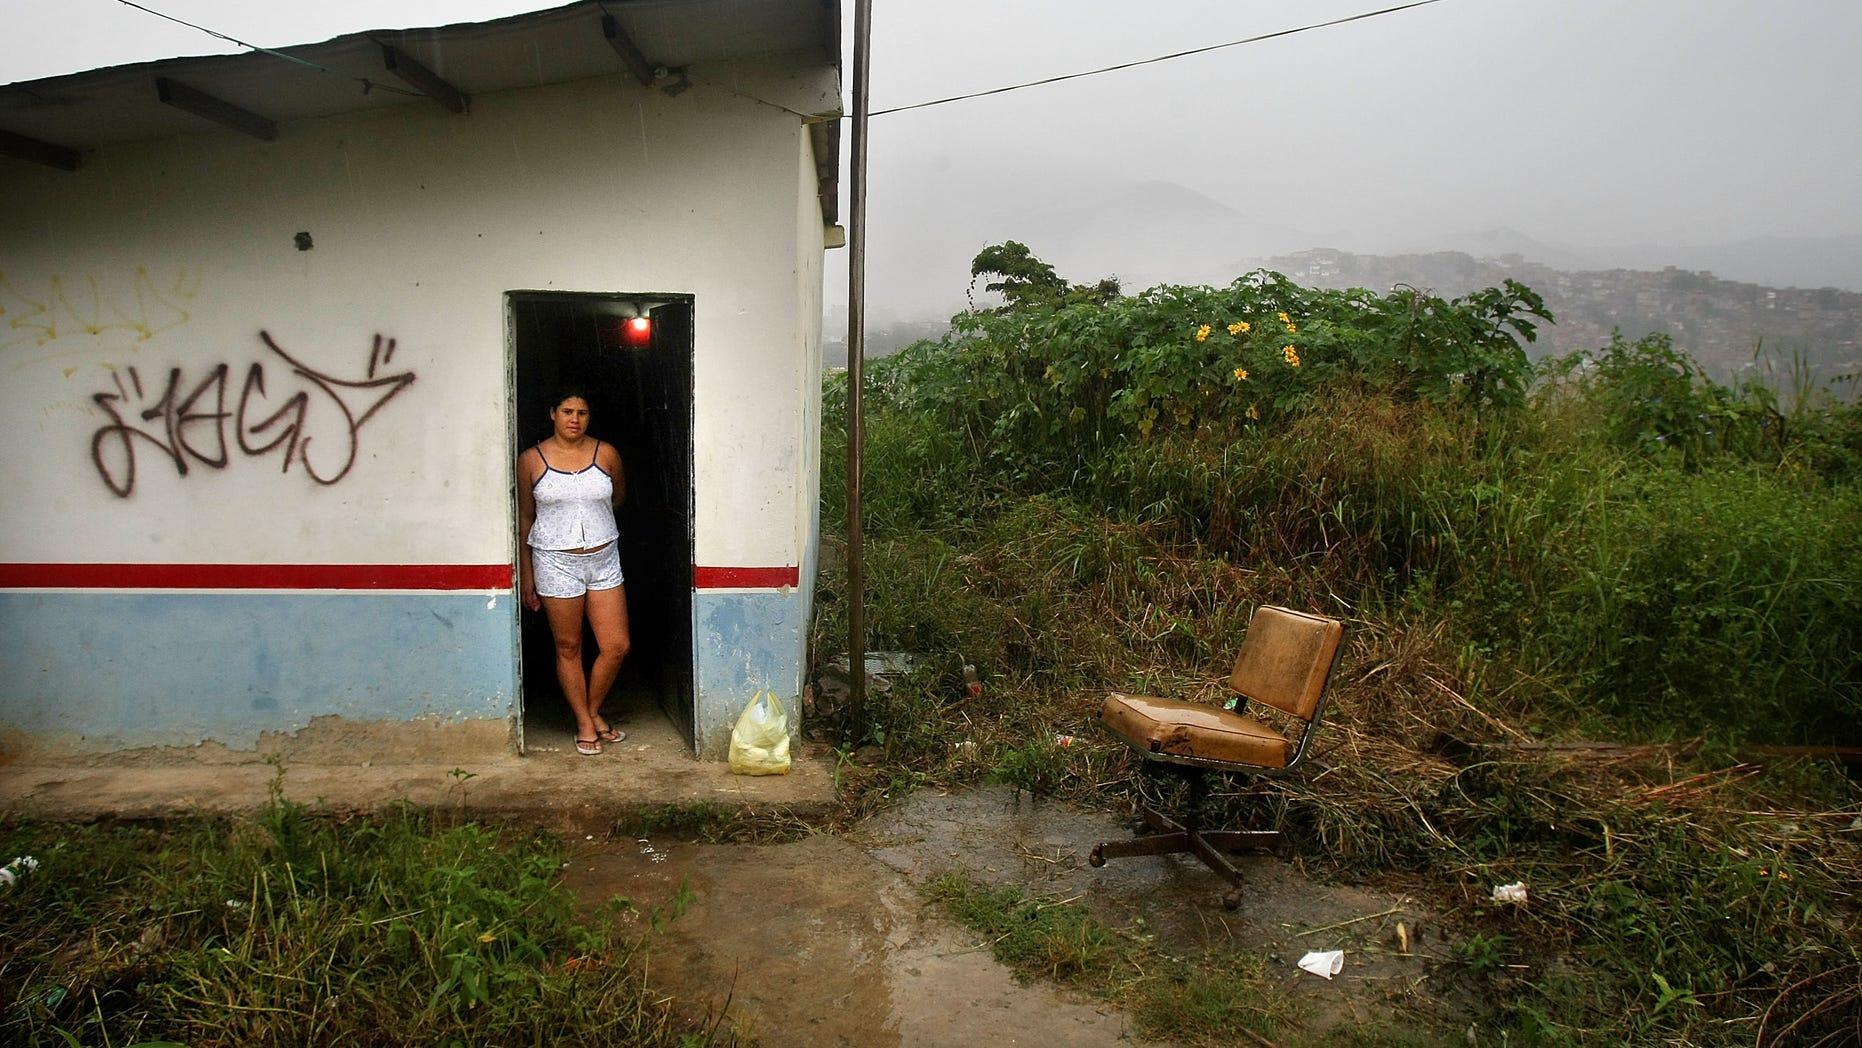 Carolina Olivera stands in her front door in the poor barrio of Petare in Caracas, Venezuela.